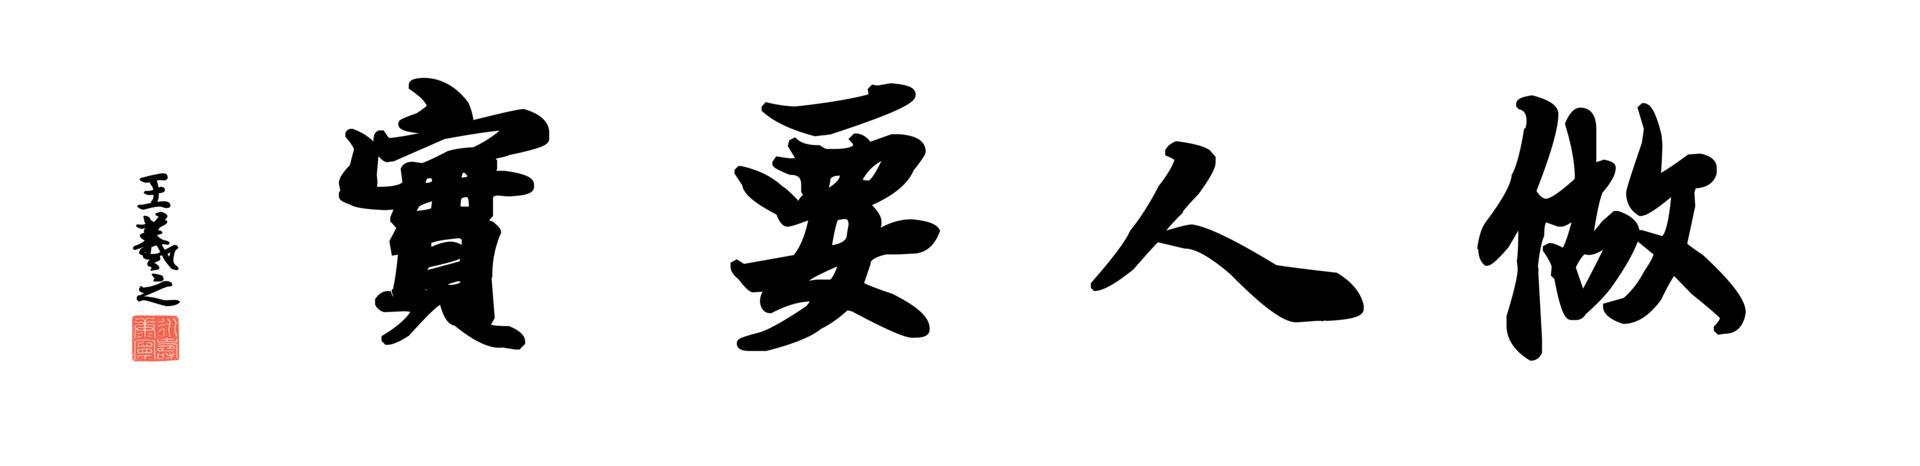 0249_王羲之兰亭体数字书法-四字横幅做人要实136x33cm_21417x5197PX_TIF_400DPI_326_0